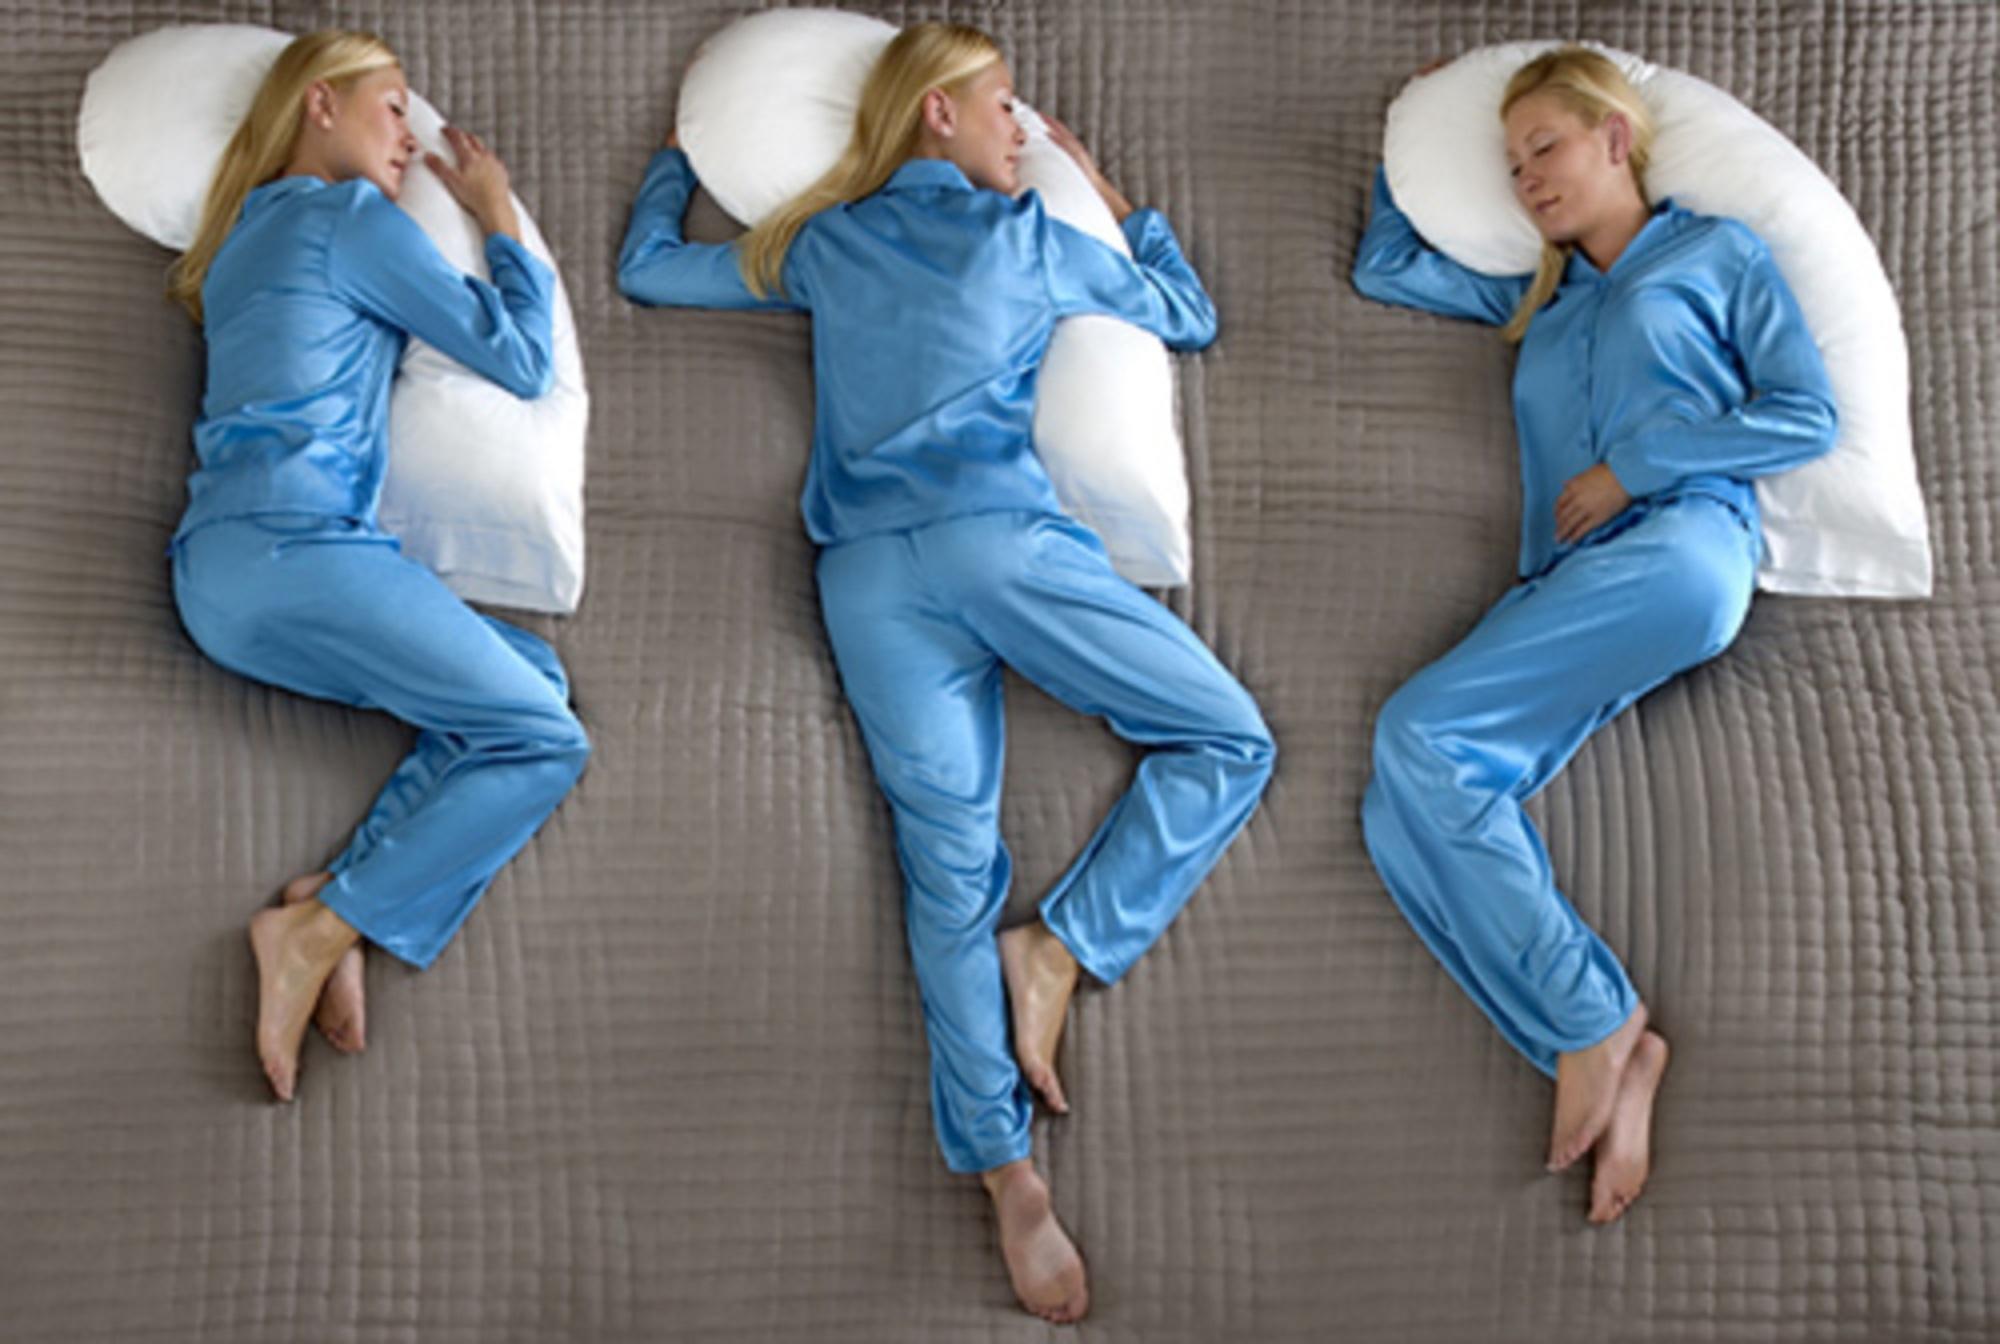 Guys, Posisi Tidur Menentukan Jenis Mimpi Loh